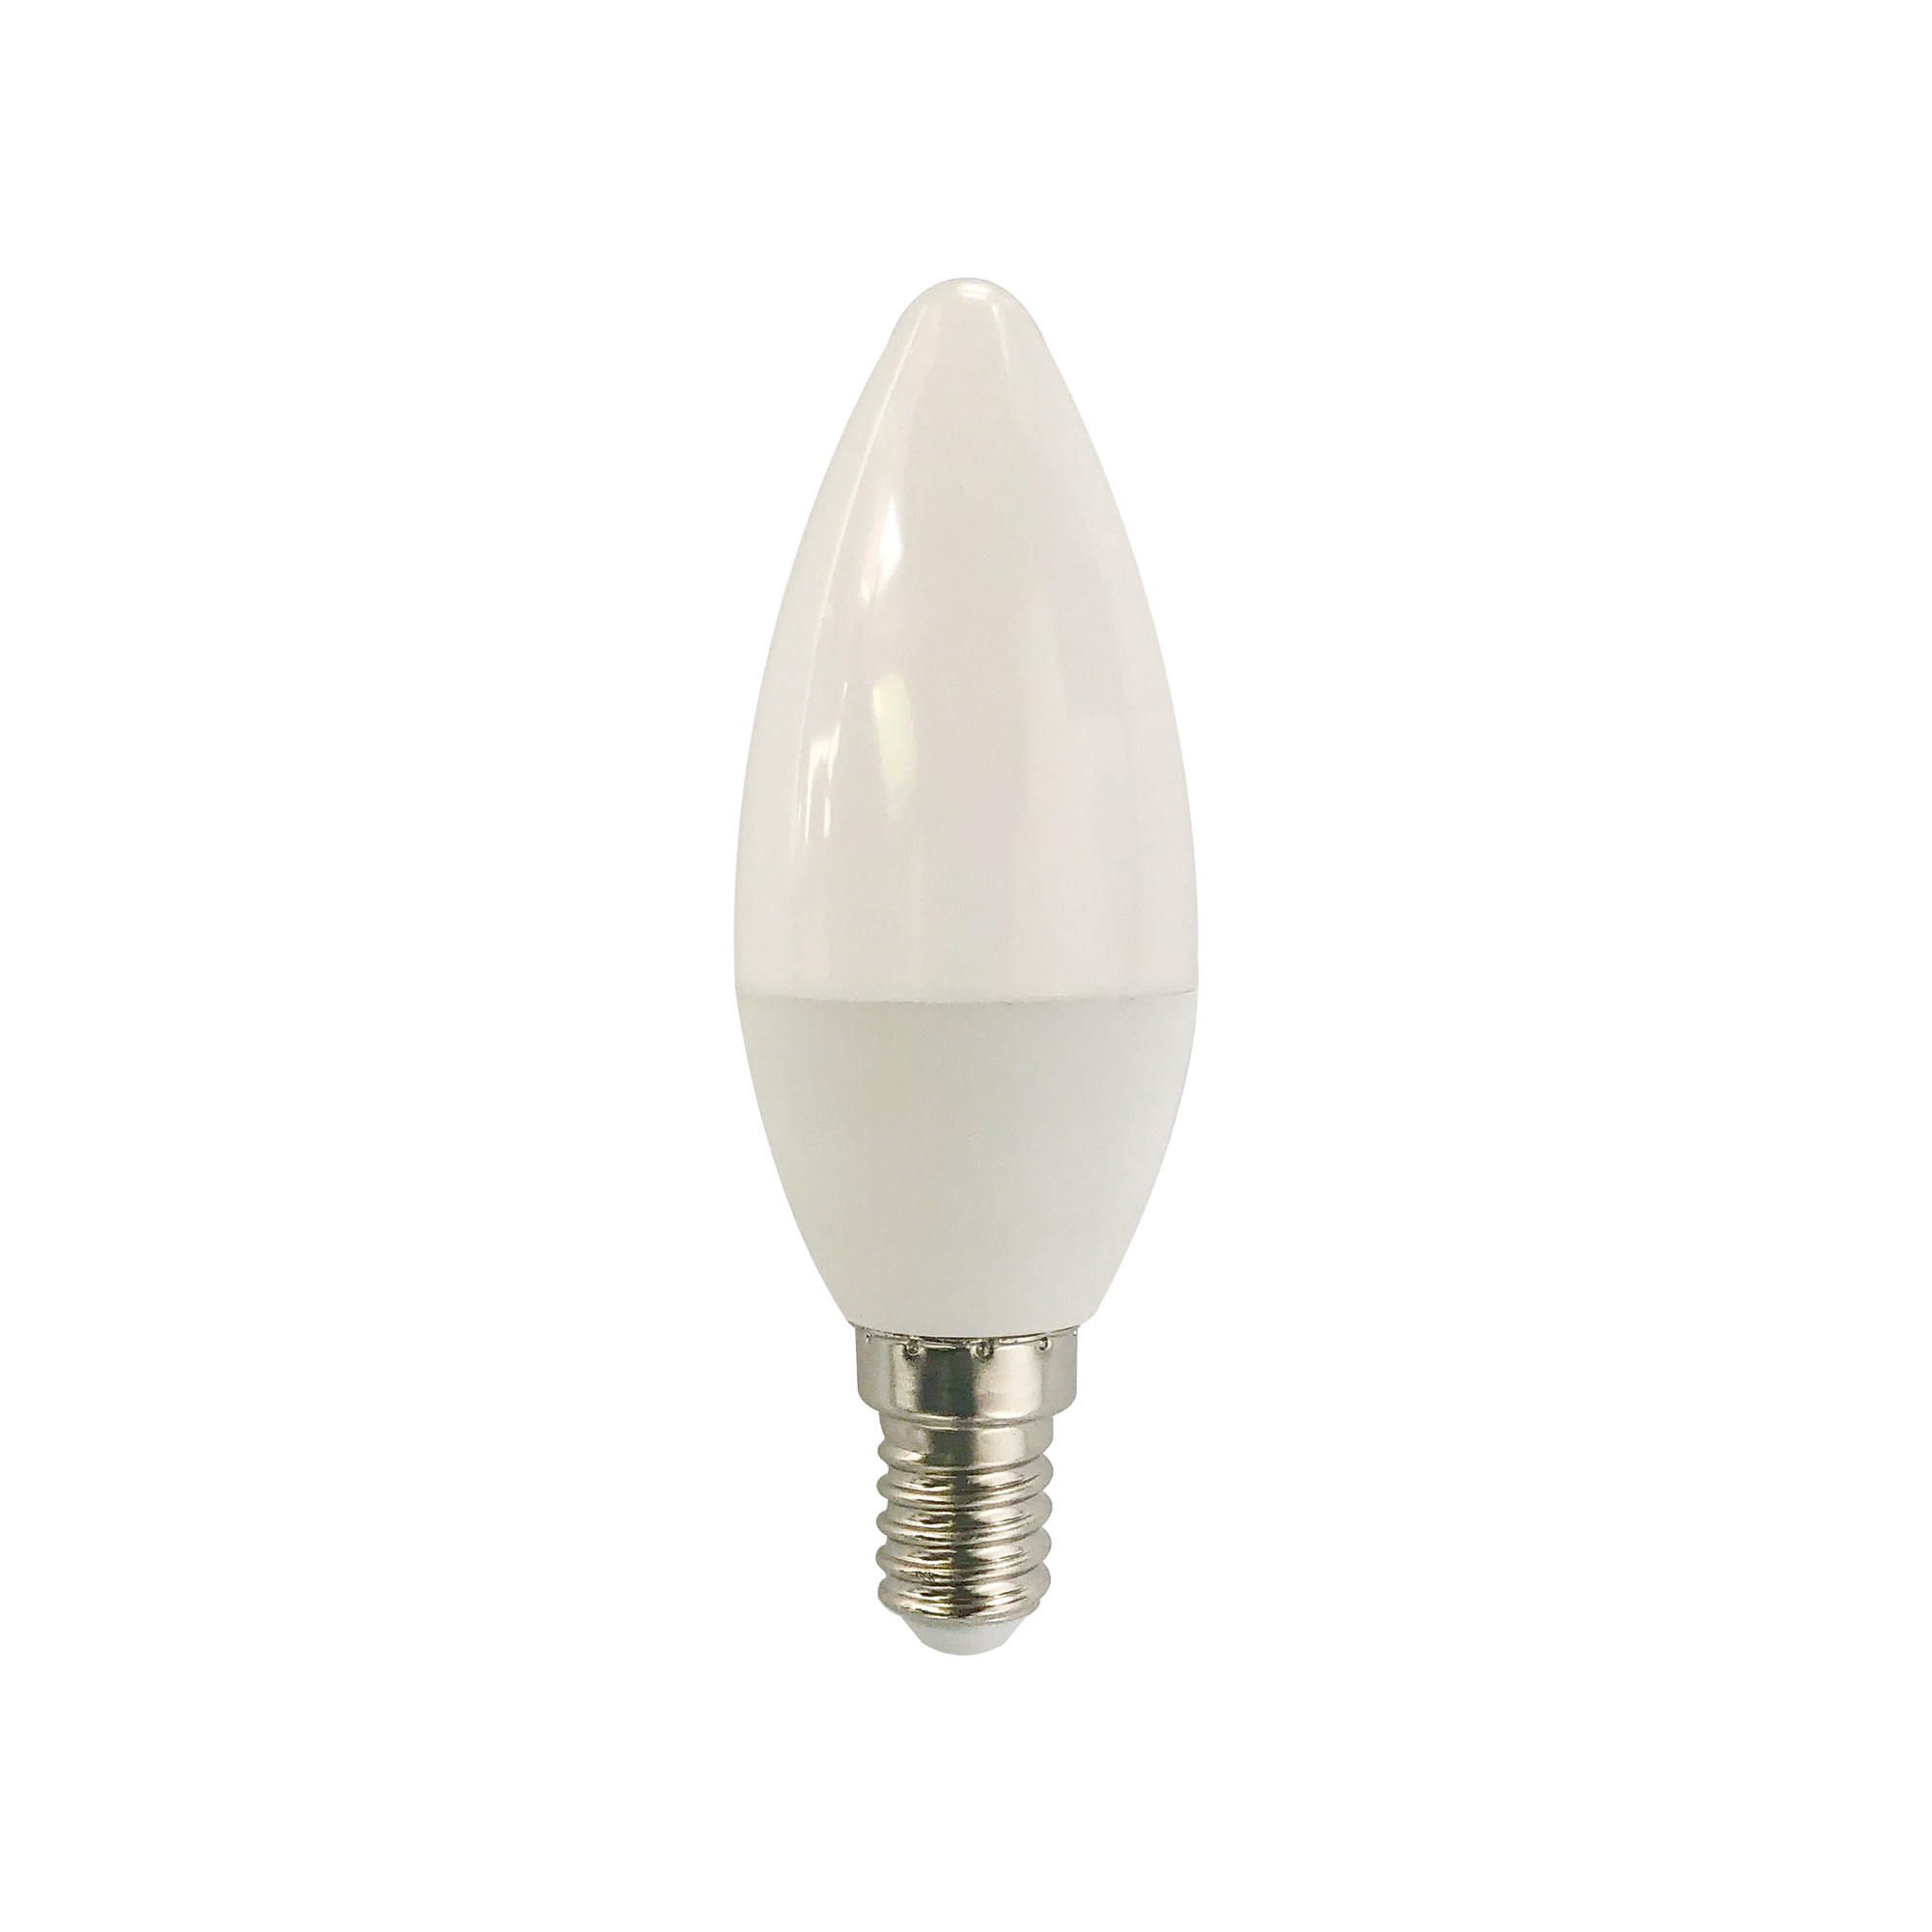 Лампа светодиодная Lexman E14 5.5 Вт 470 Лм свет нейтральный